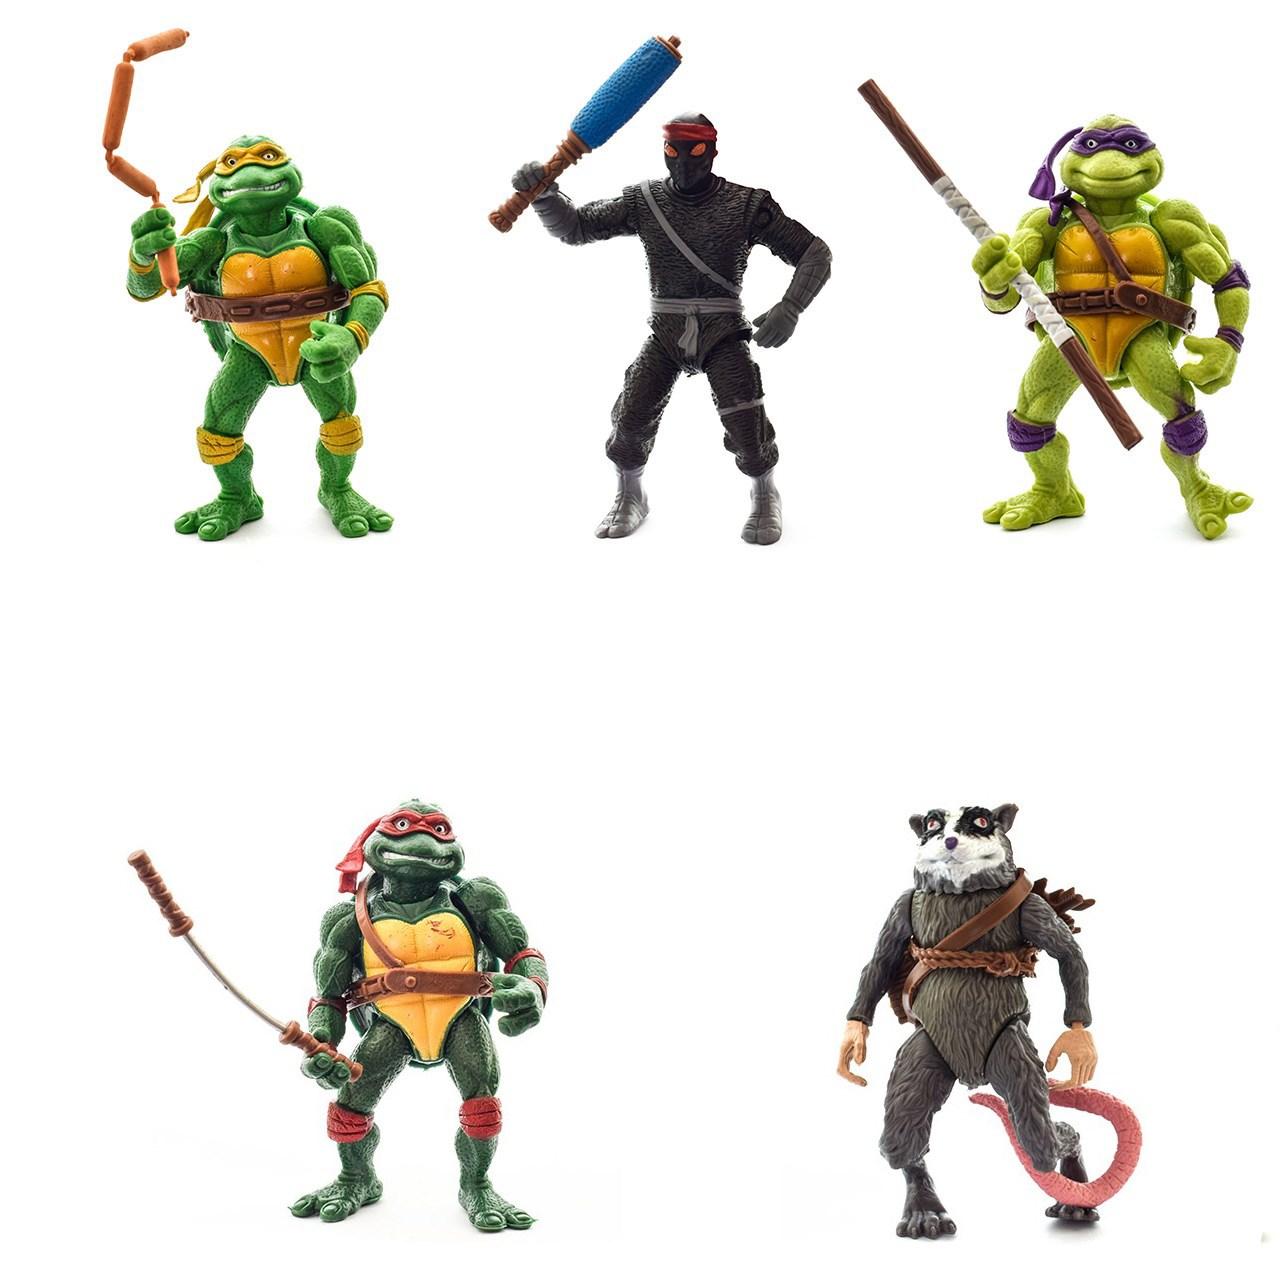 اکشن فیگور آناترا سری Ninja Turtles بسته 5 عددی